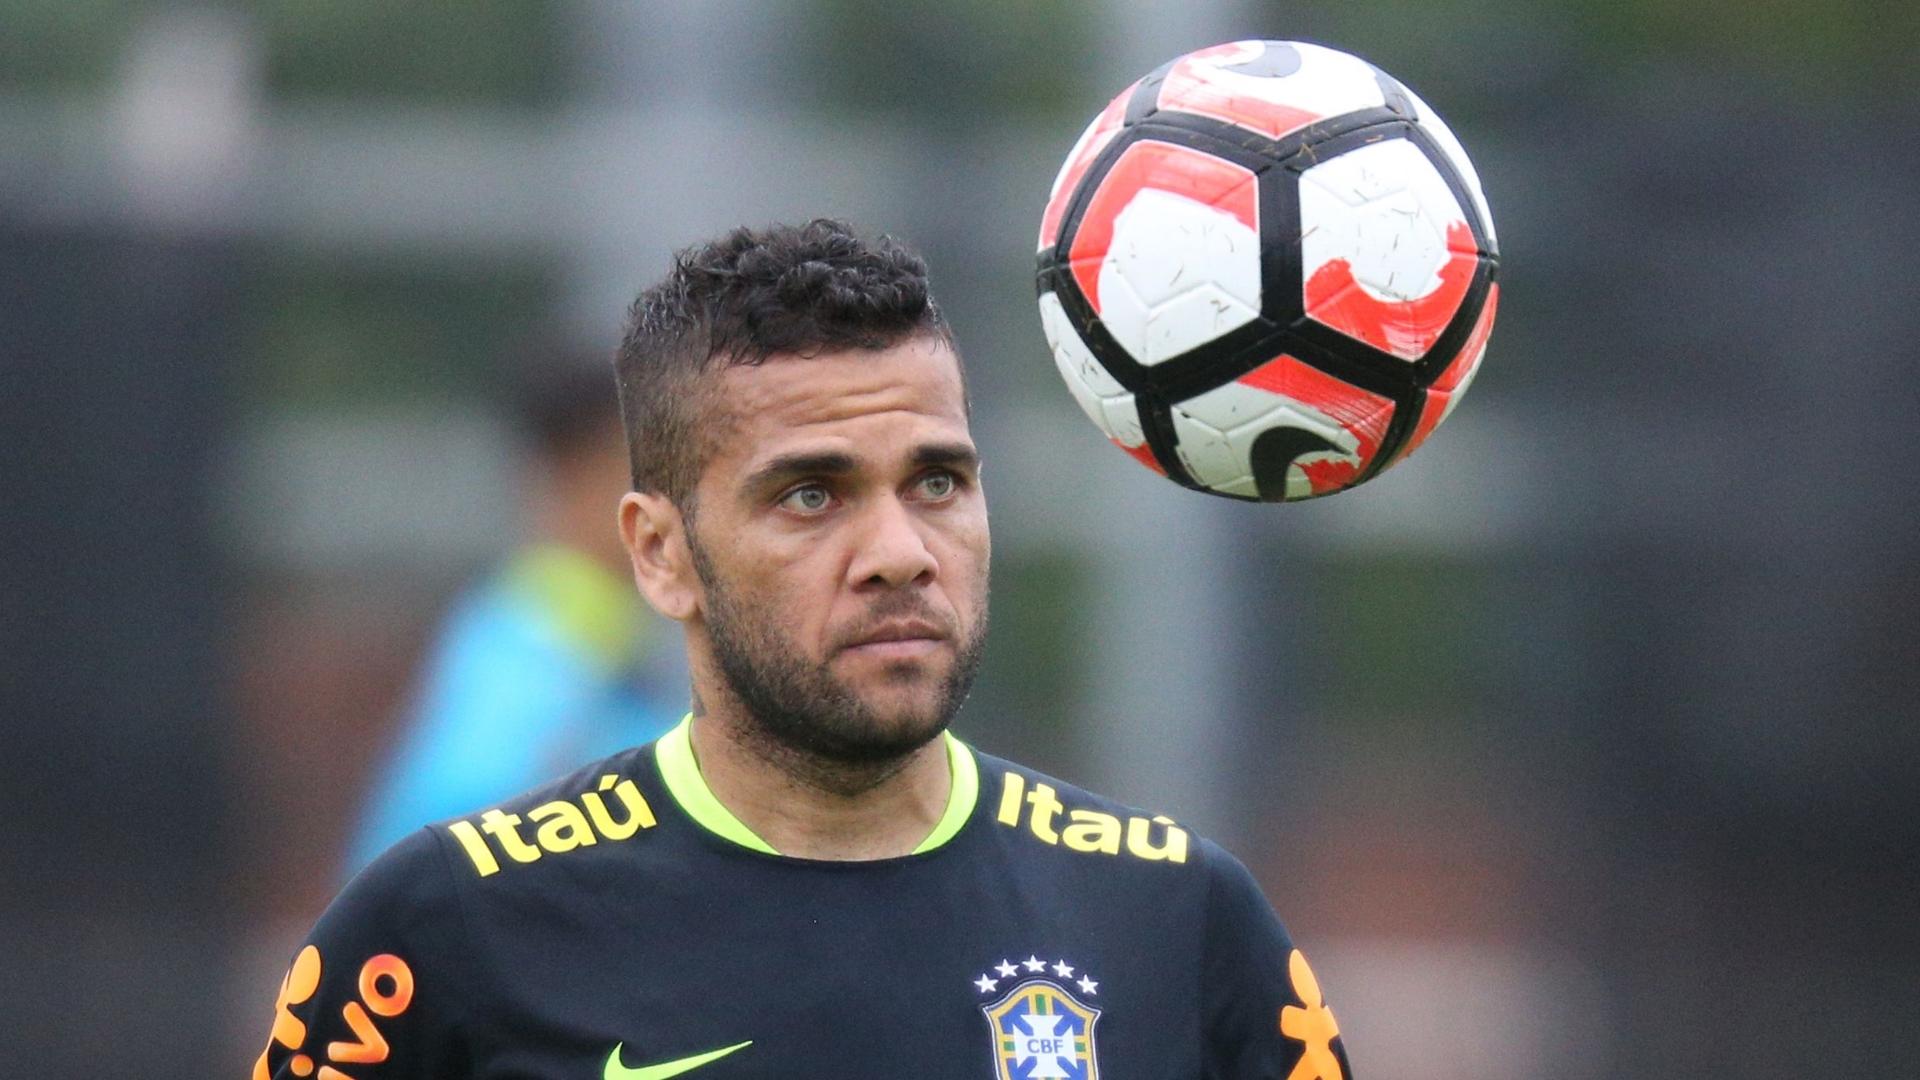 Dani Alves, Brazil training